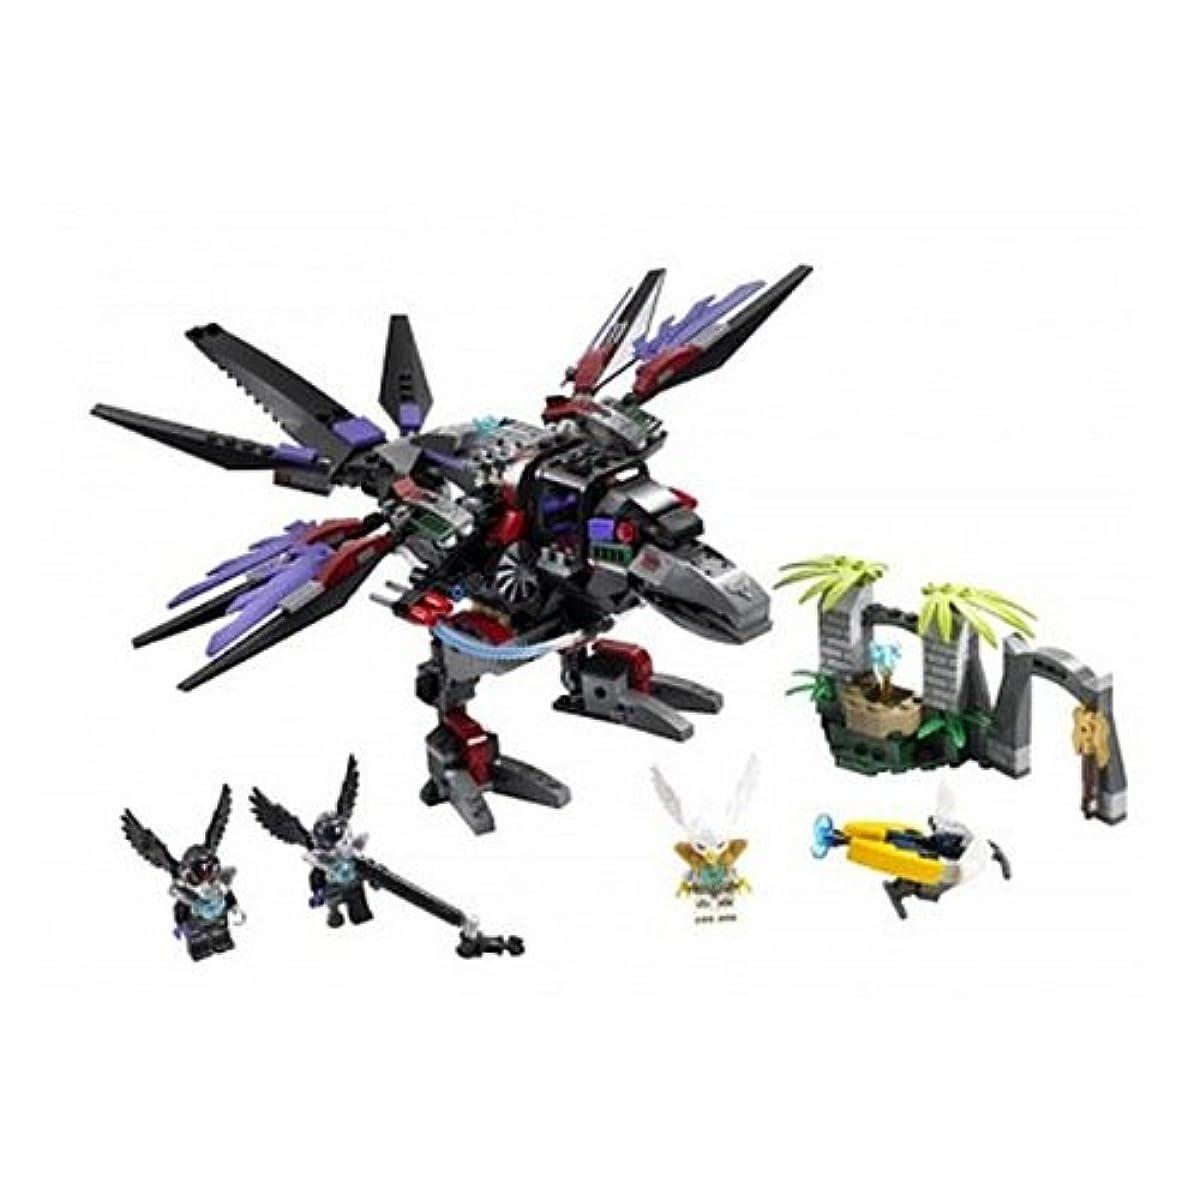 [해외] LEGO CHIMA 70012 RAZAR'S CHI RAIDER 레고 찌마 해외 한정